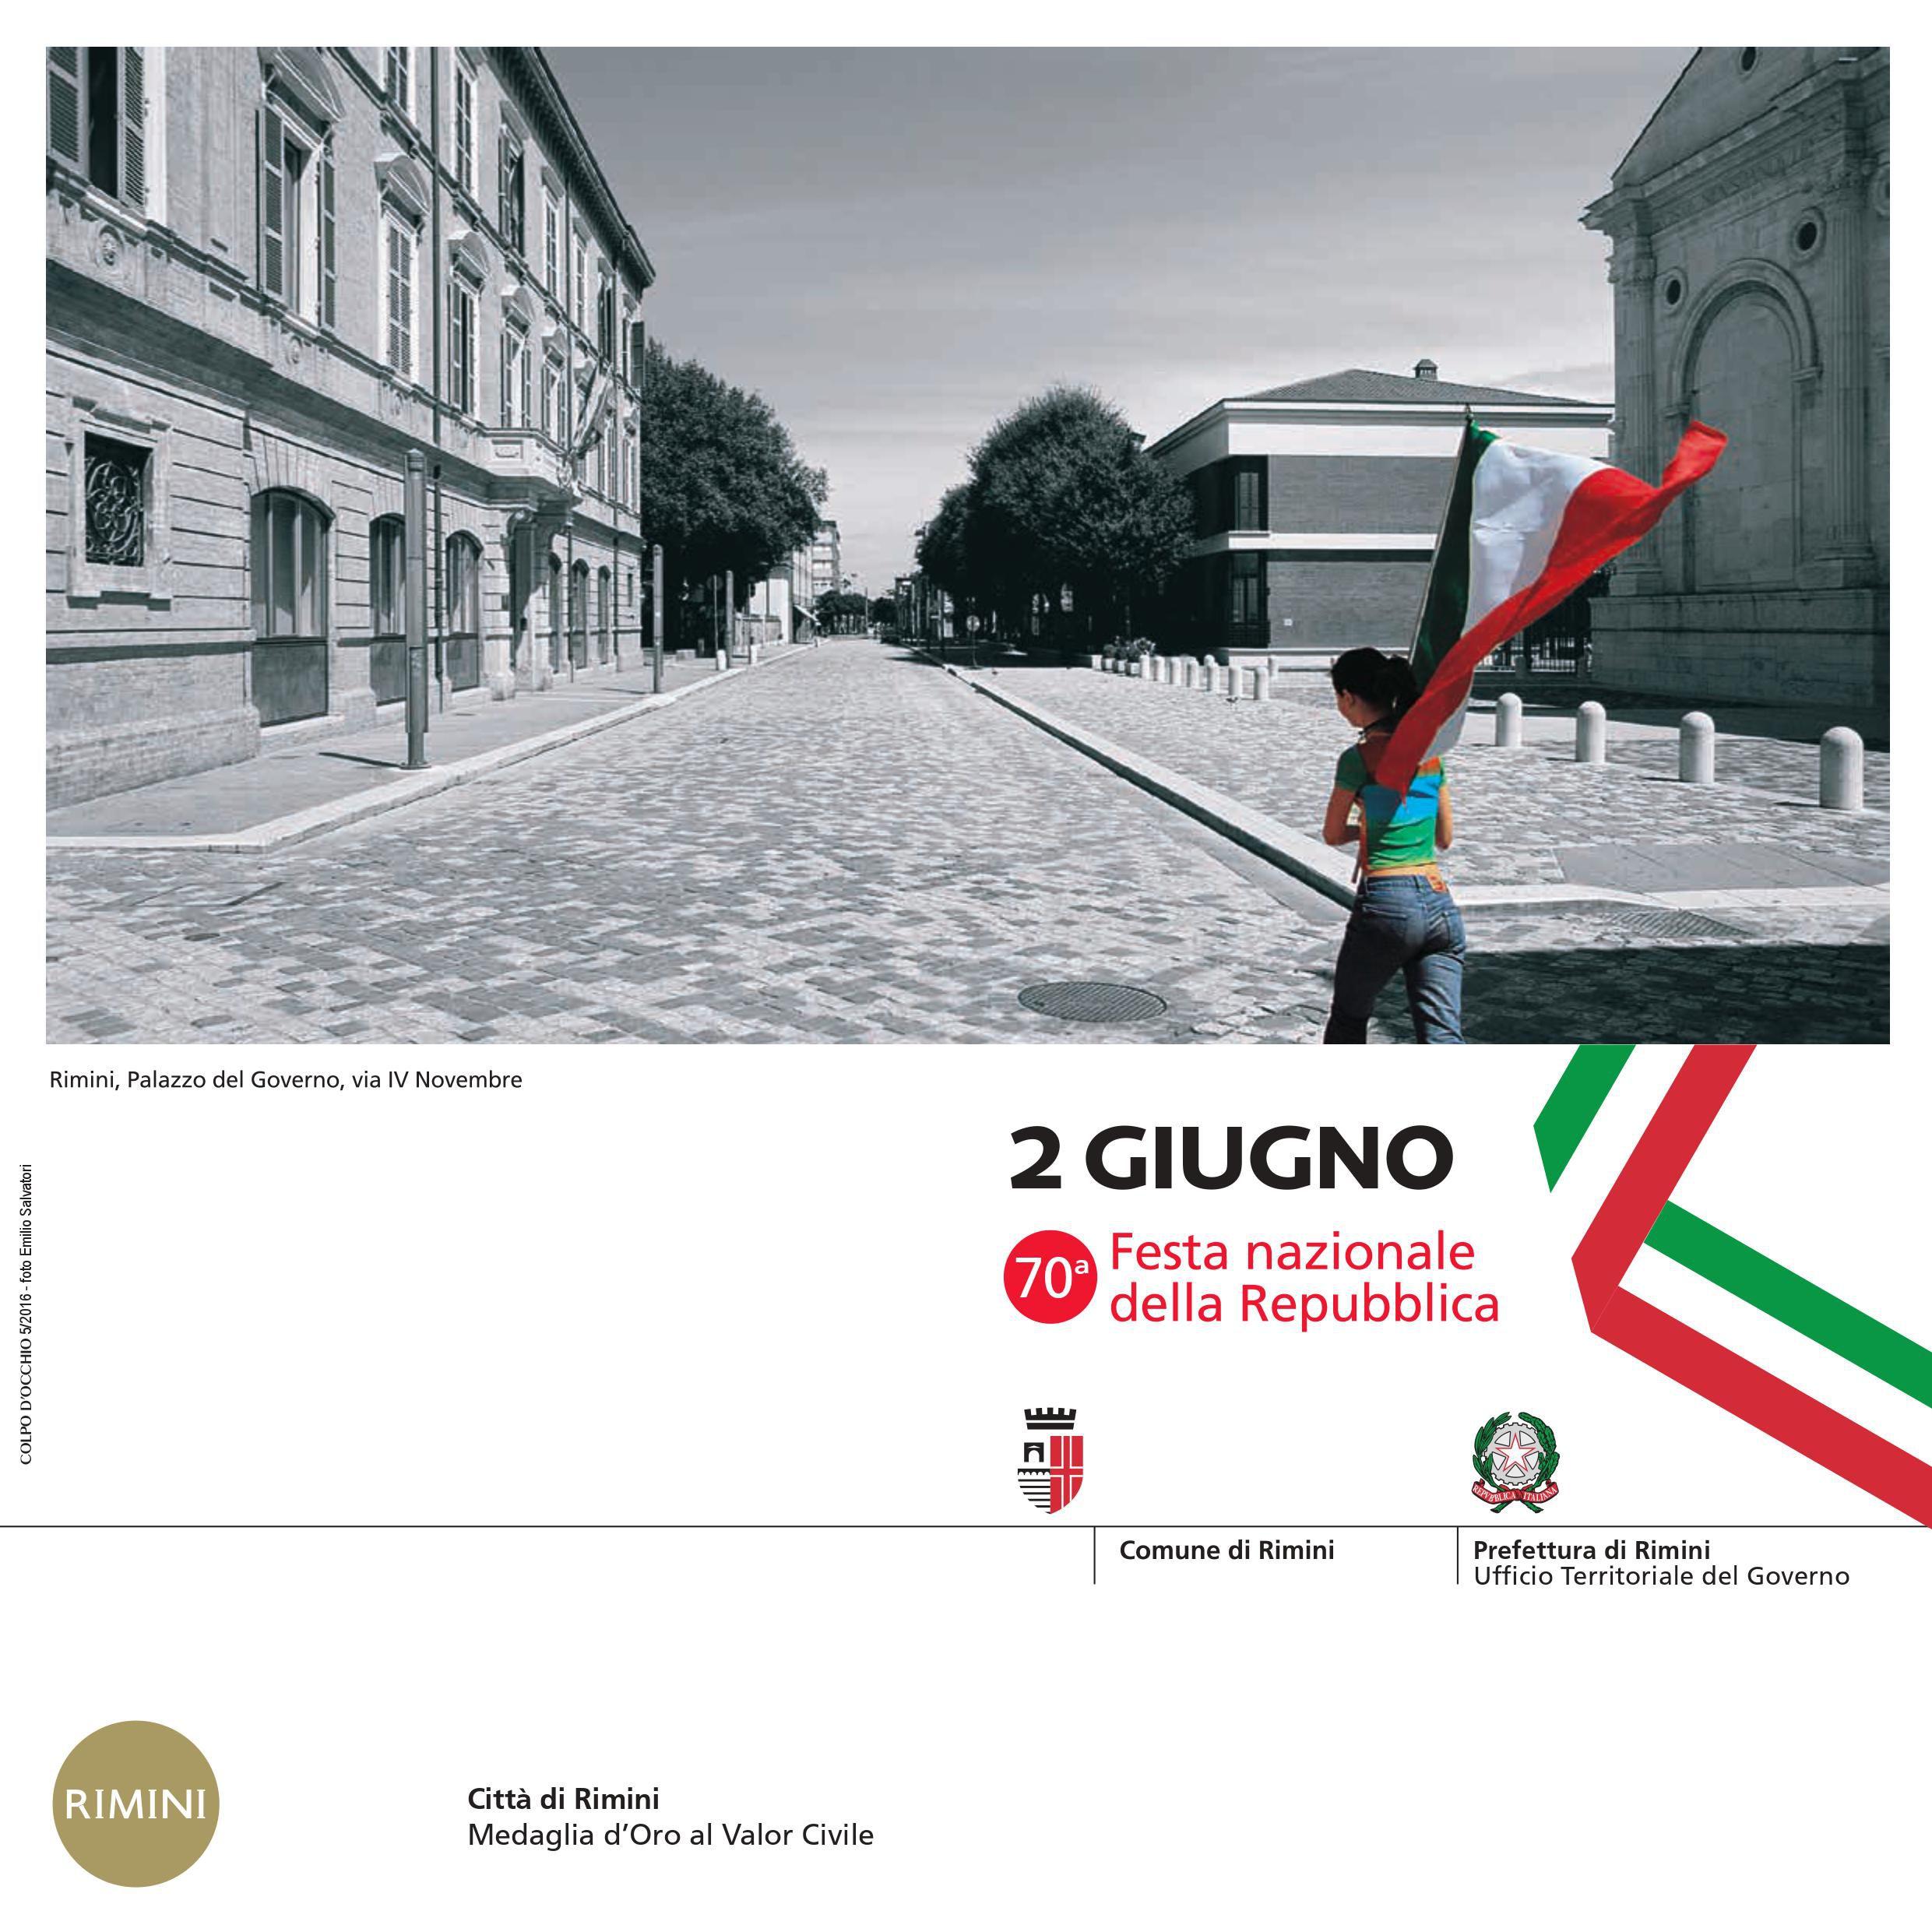 Iniziative in occasione del 70° anniversario della Repubblica italiana